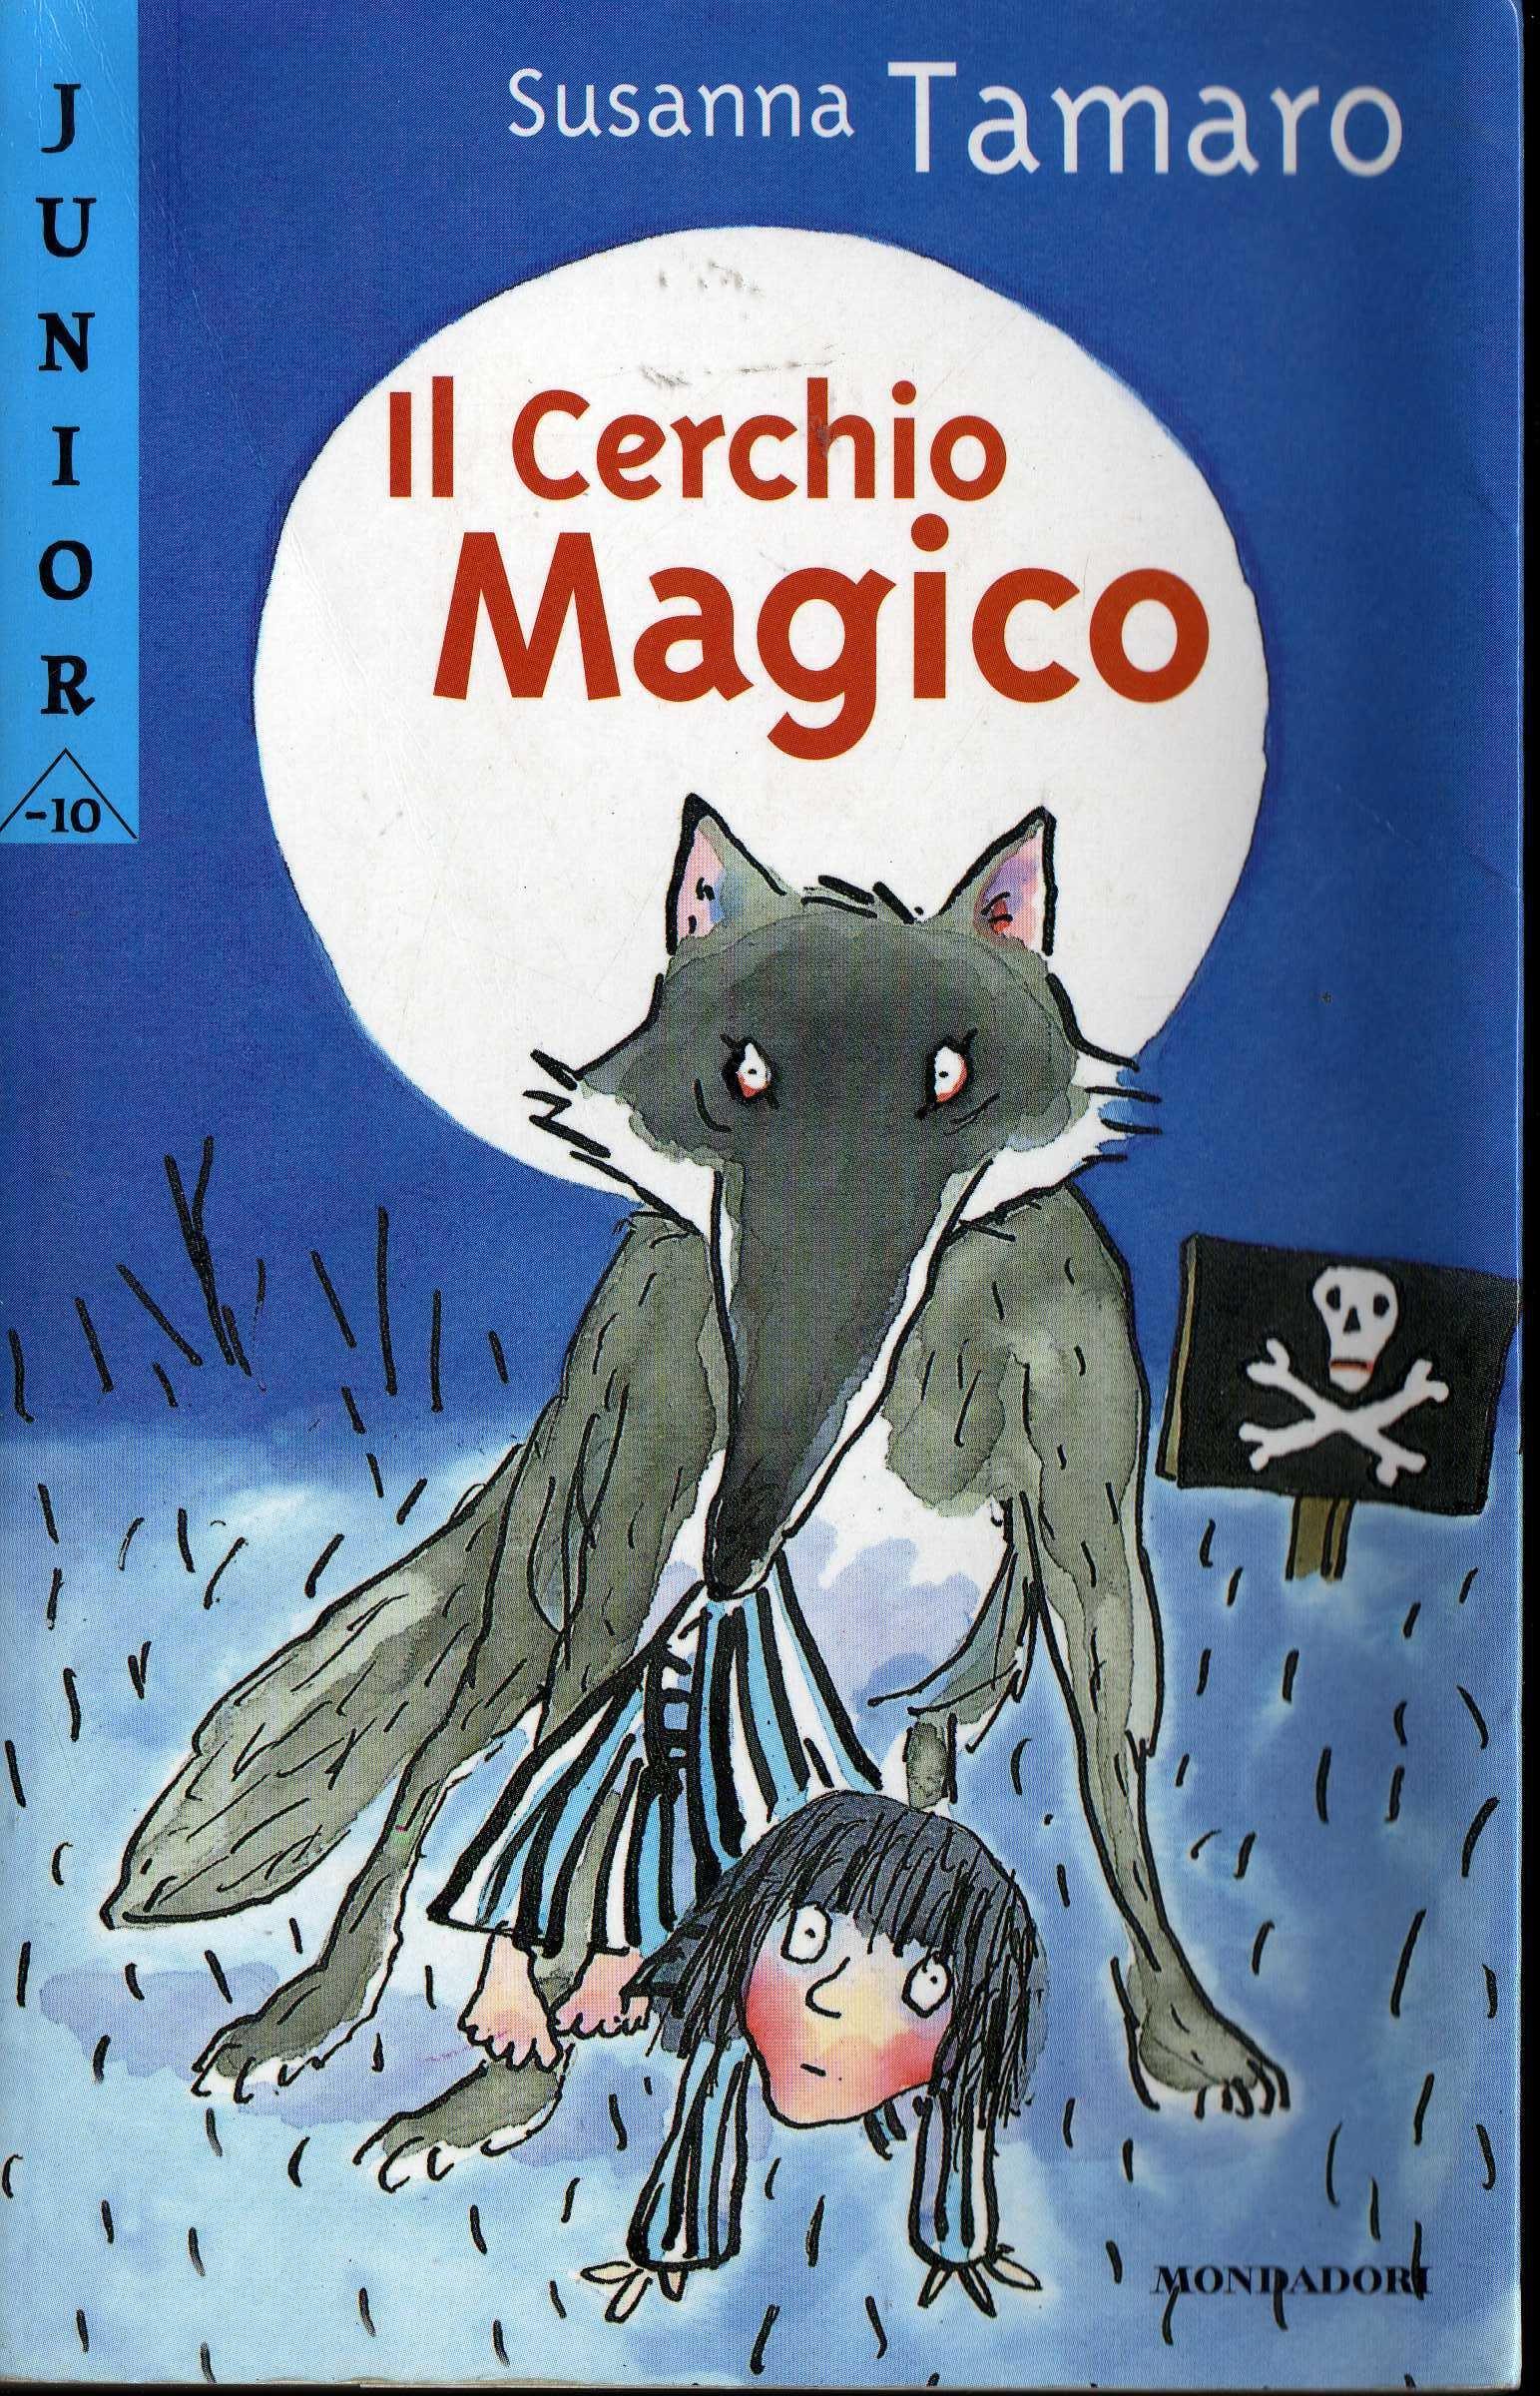 Il cerchio magico: Amazon.it: Tamaro, Susanna: Libri